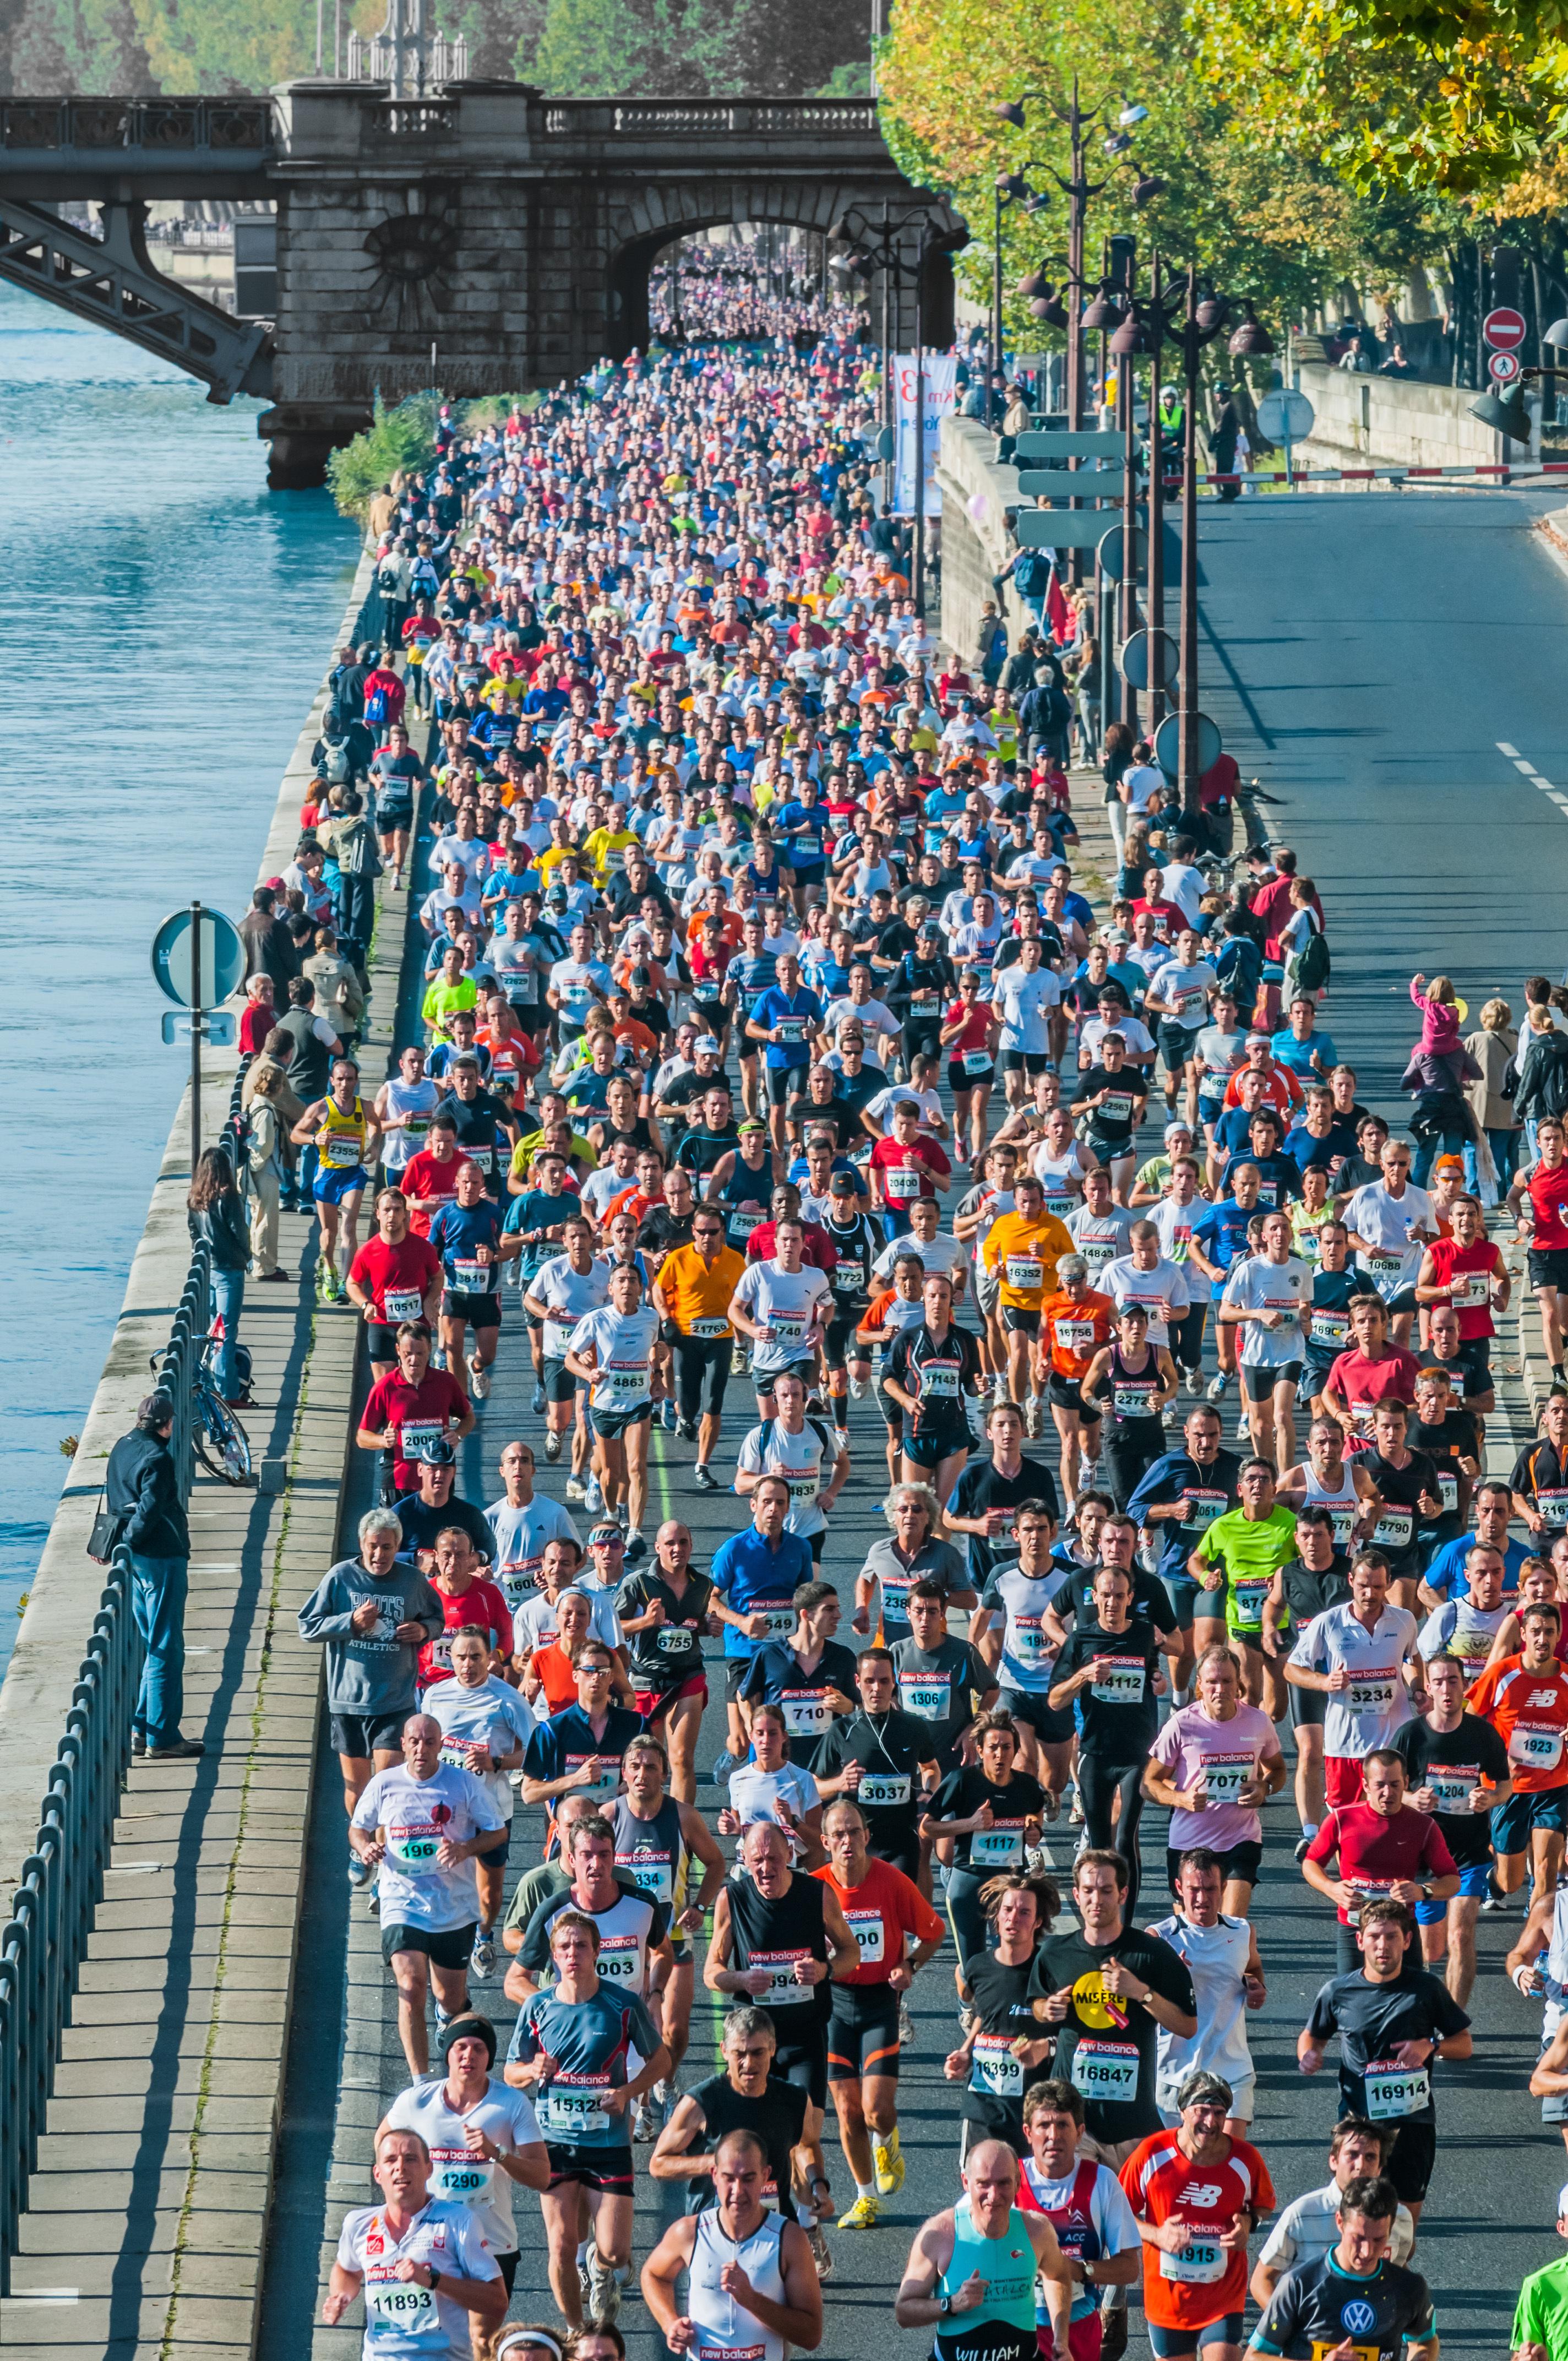 10 סיבות שכיחות לשאלה – למה לרוץ מרתון? מאת: גלעד קובו